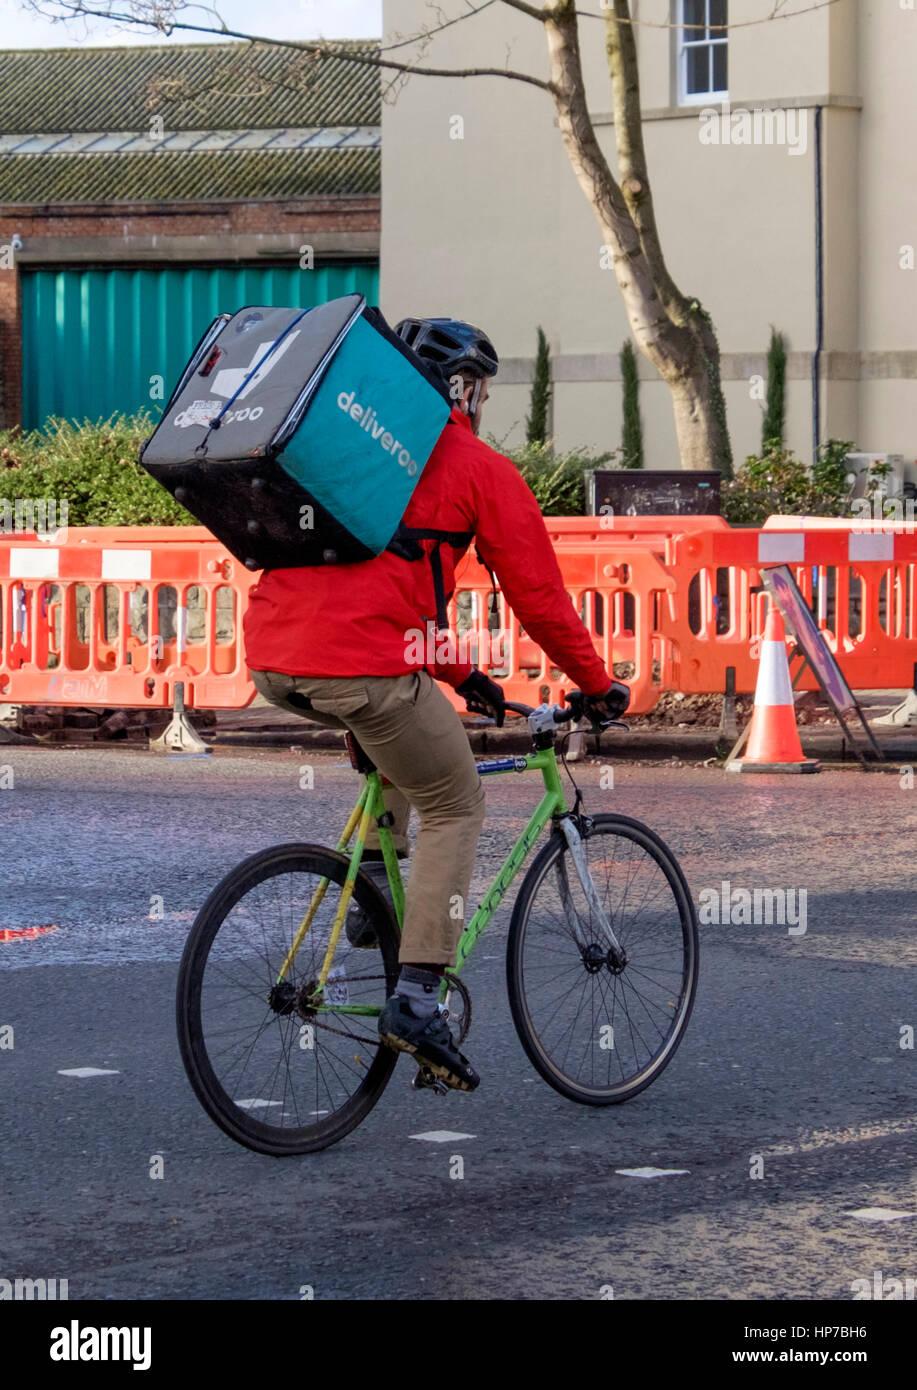 c7da97a8f43 A Deliveroo delivery man in a bike in Bristol Stock Photo: 134157778 ...